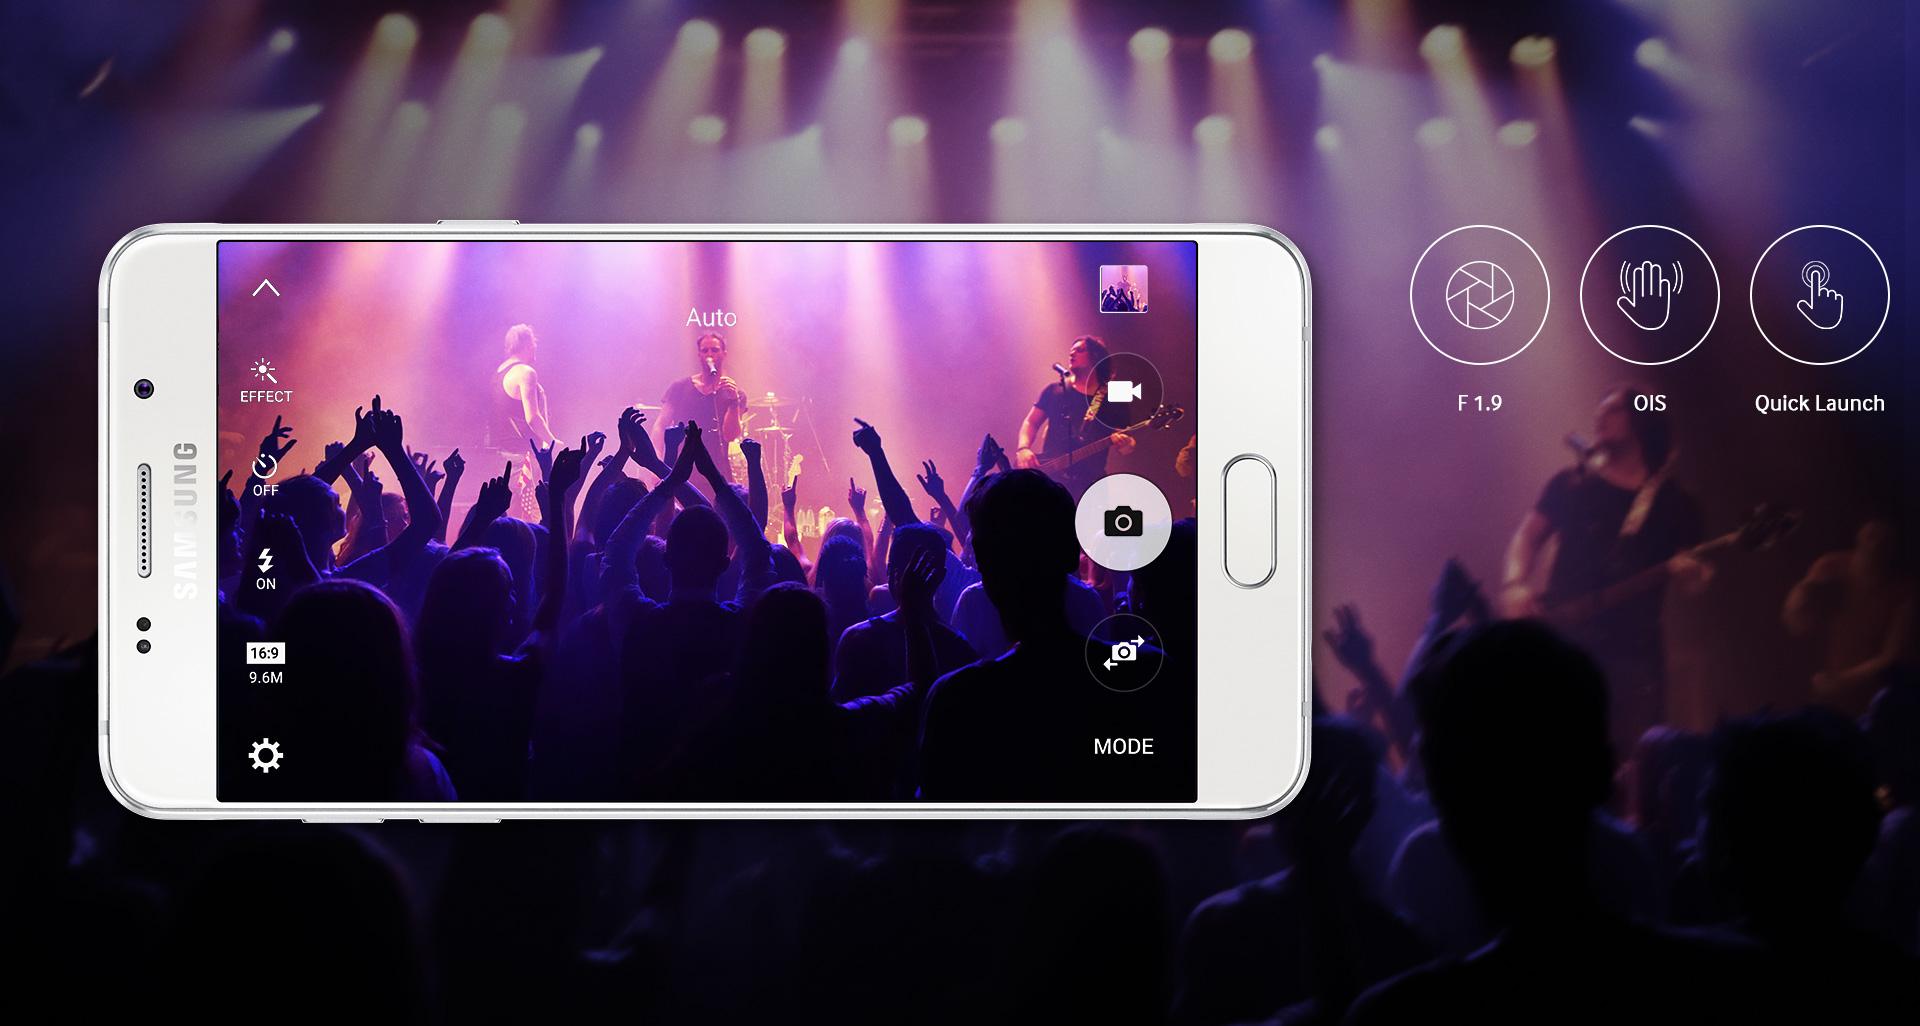 Hledáte ideálního partáka pro dokumentaci vašich zážitků? Špičkové fotoparáty mobilu Samsung Galaxy A5 A510F jsou k vašim službám připraveny.